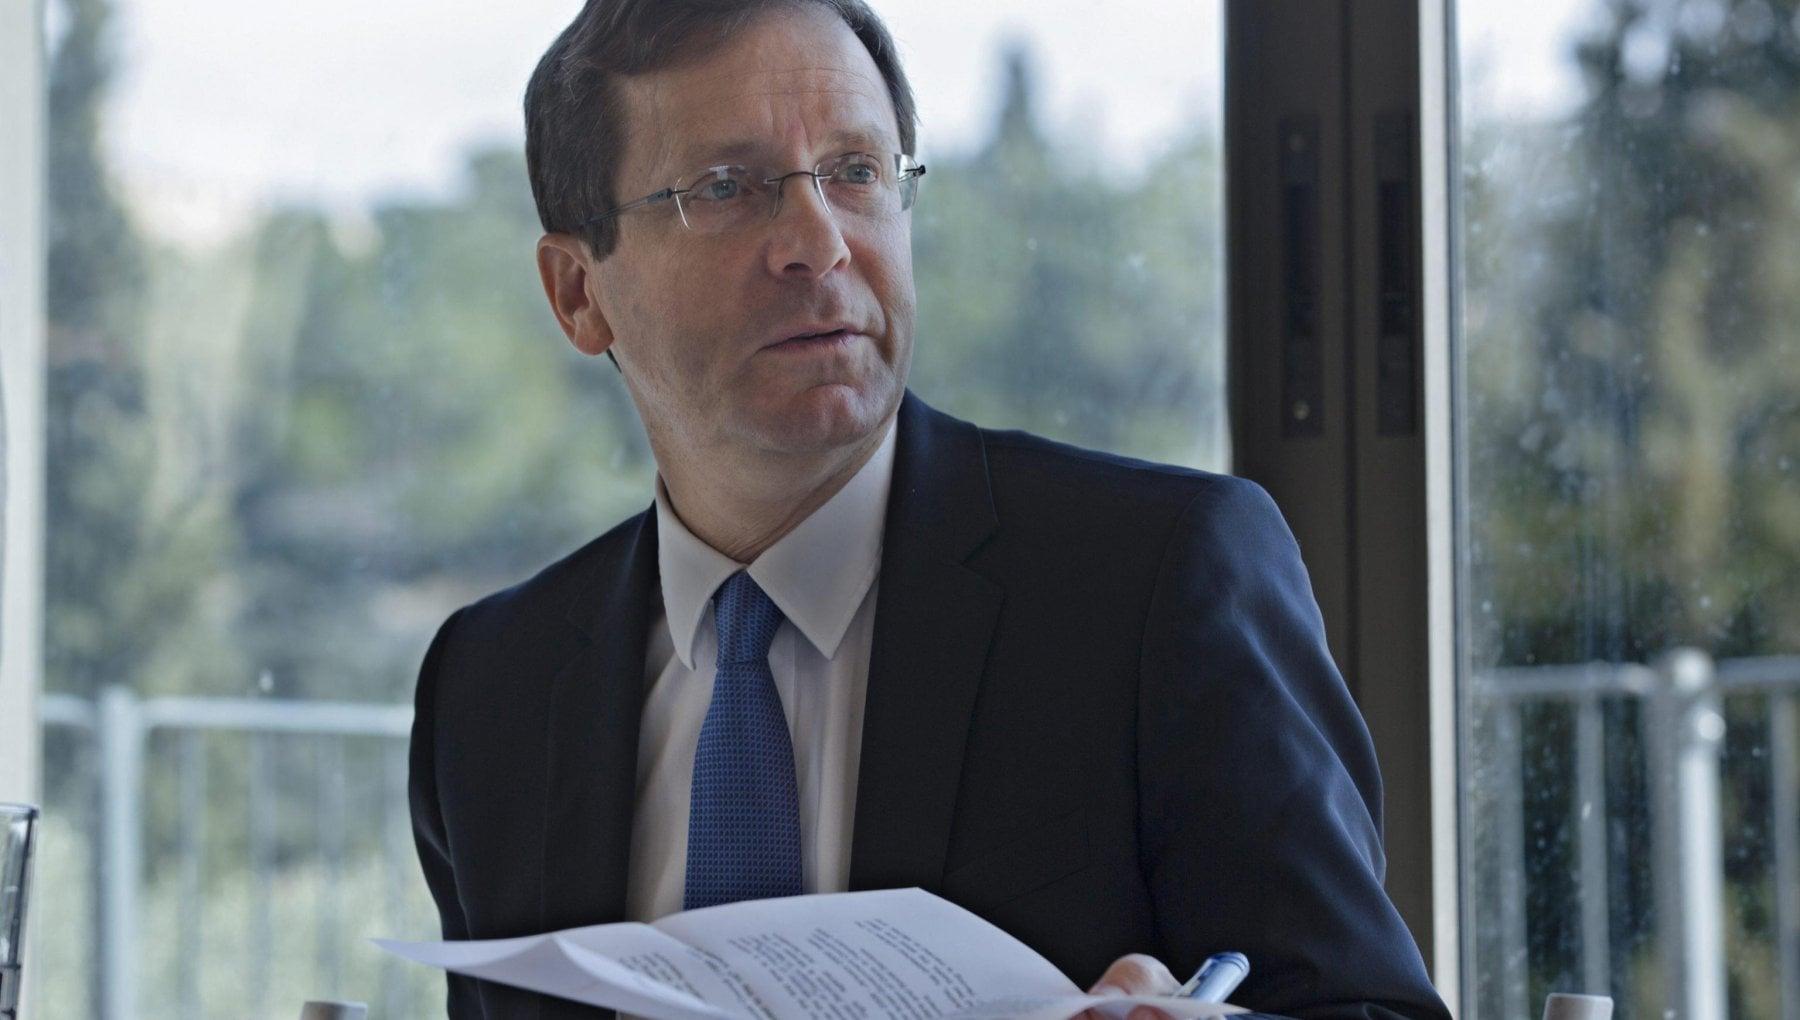 120136704 5b28d20a 8d84 47ff 97eb 569b5b5e3f49 - Israele, il laburista Herzog eletto nuovo presidente